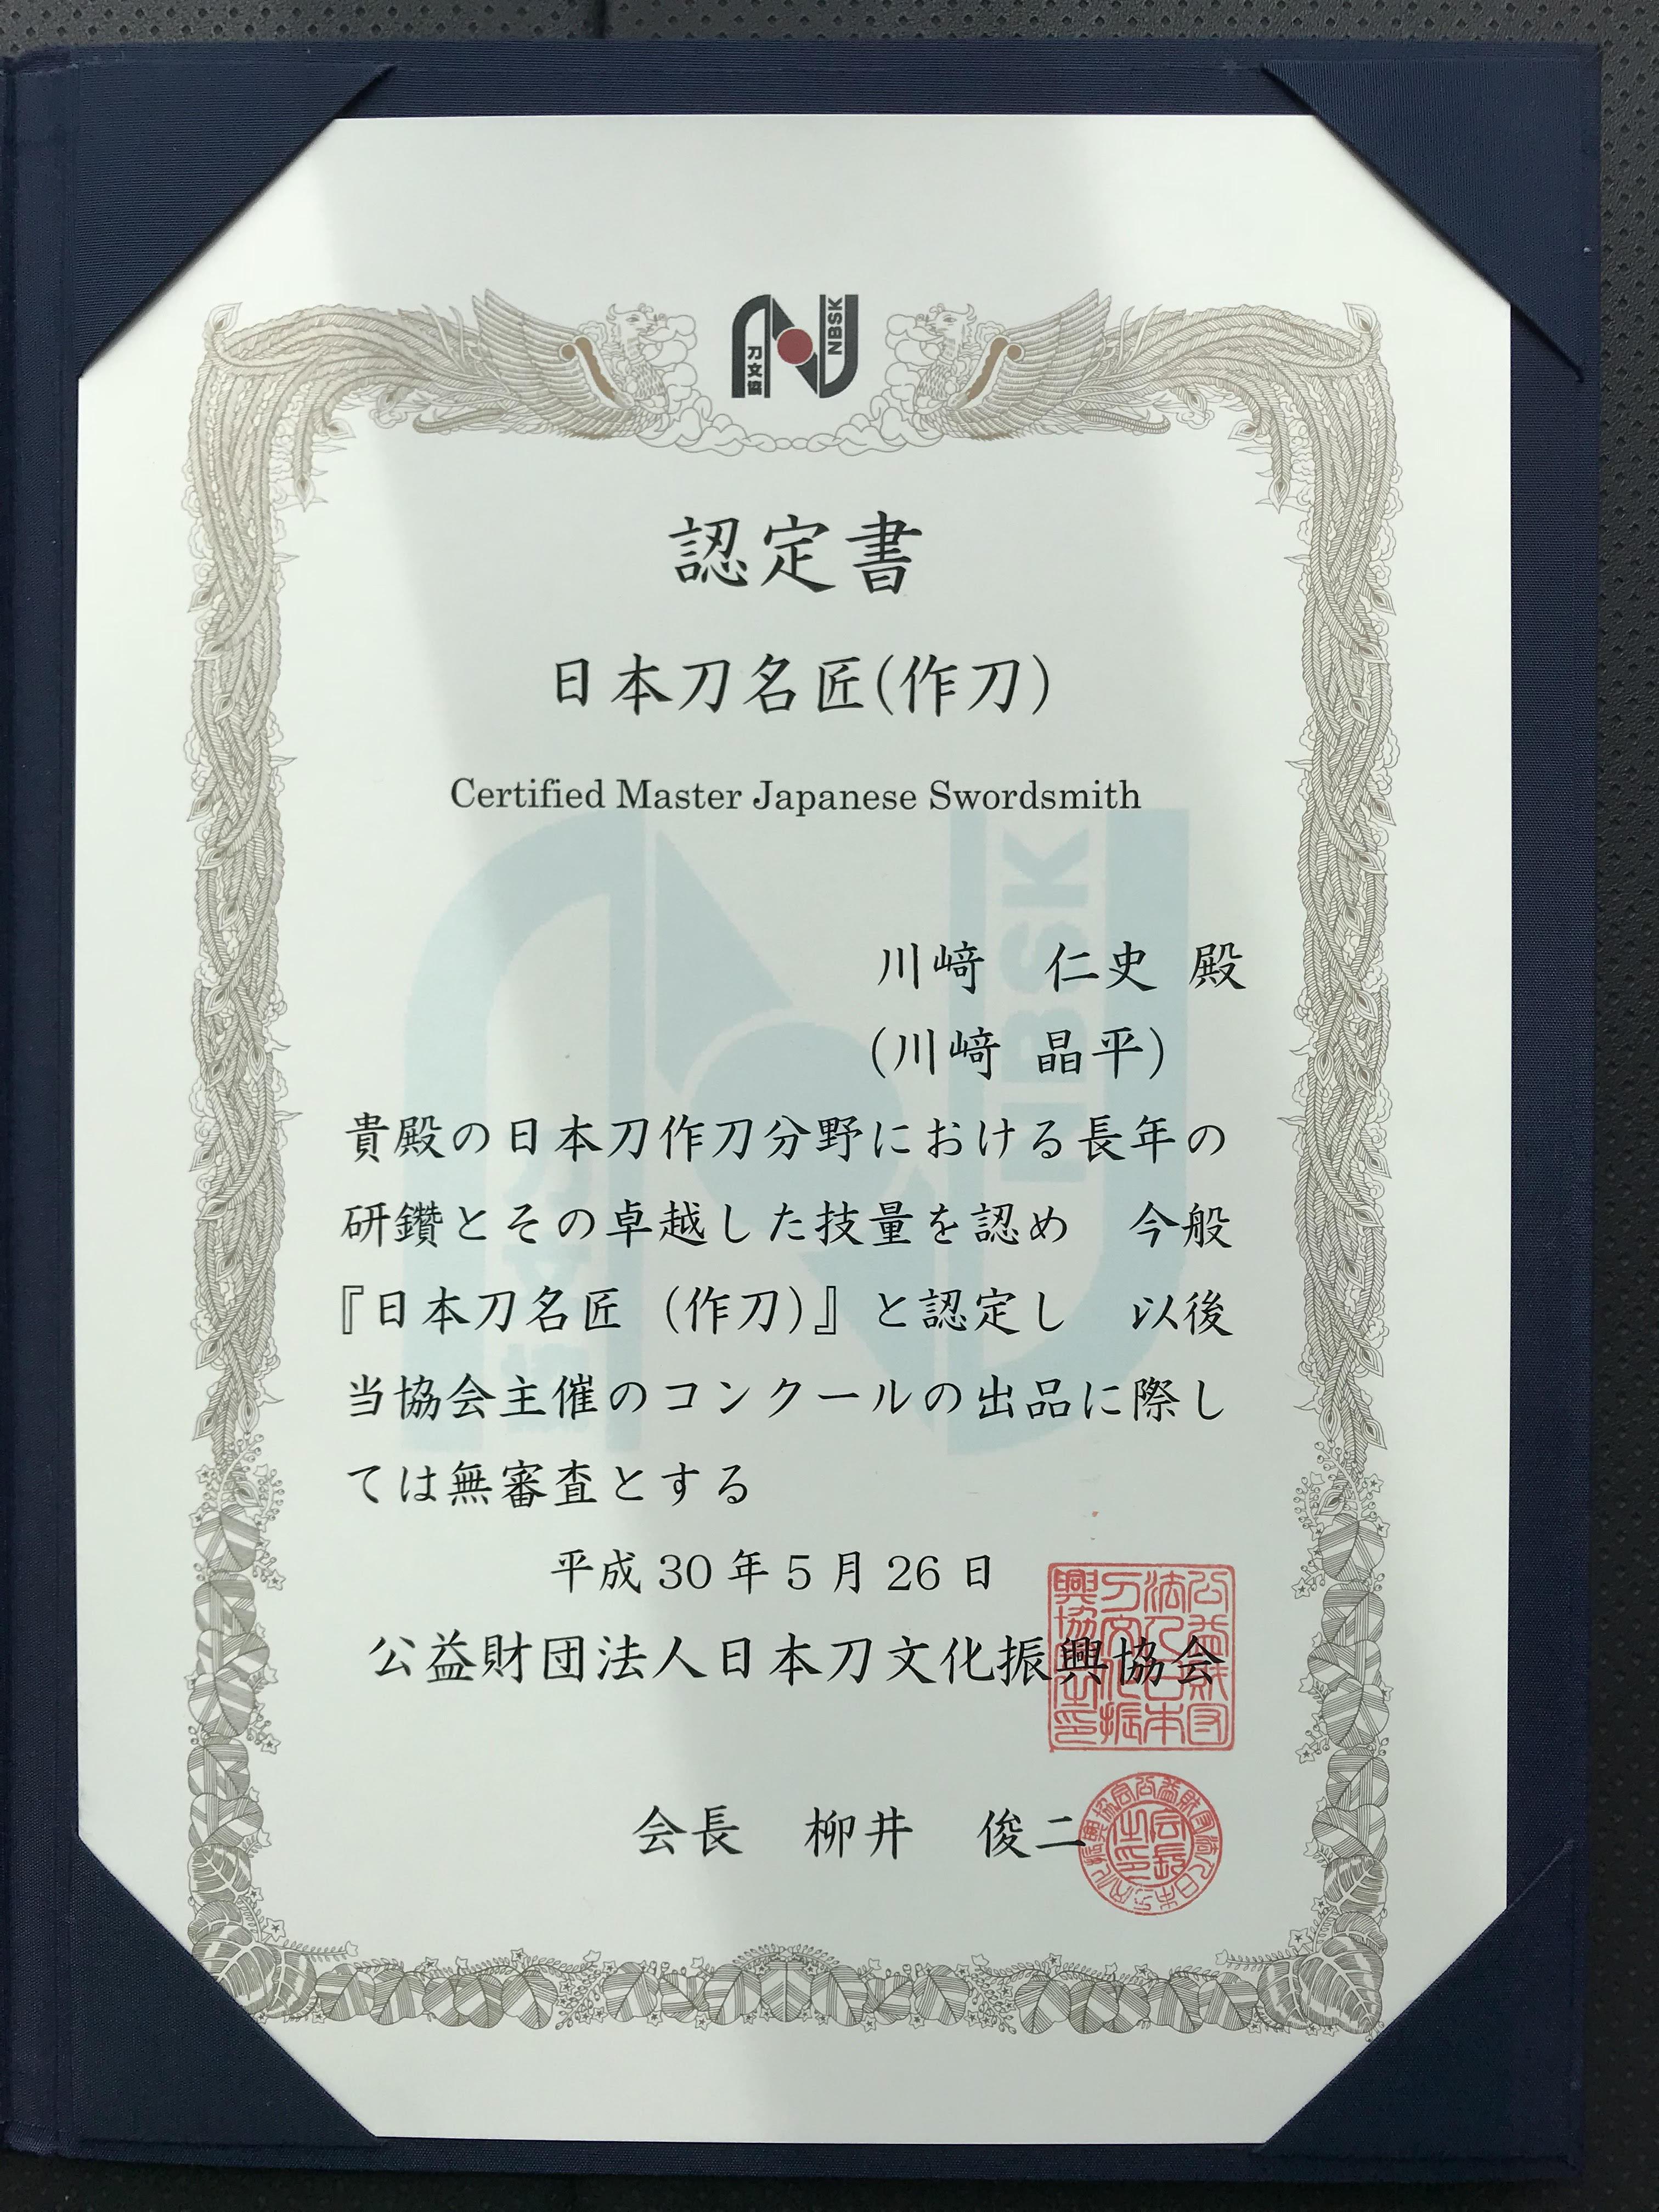 日本刀名匠に認定されました